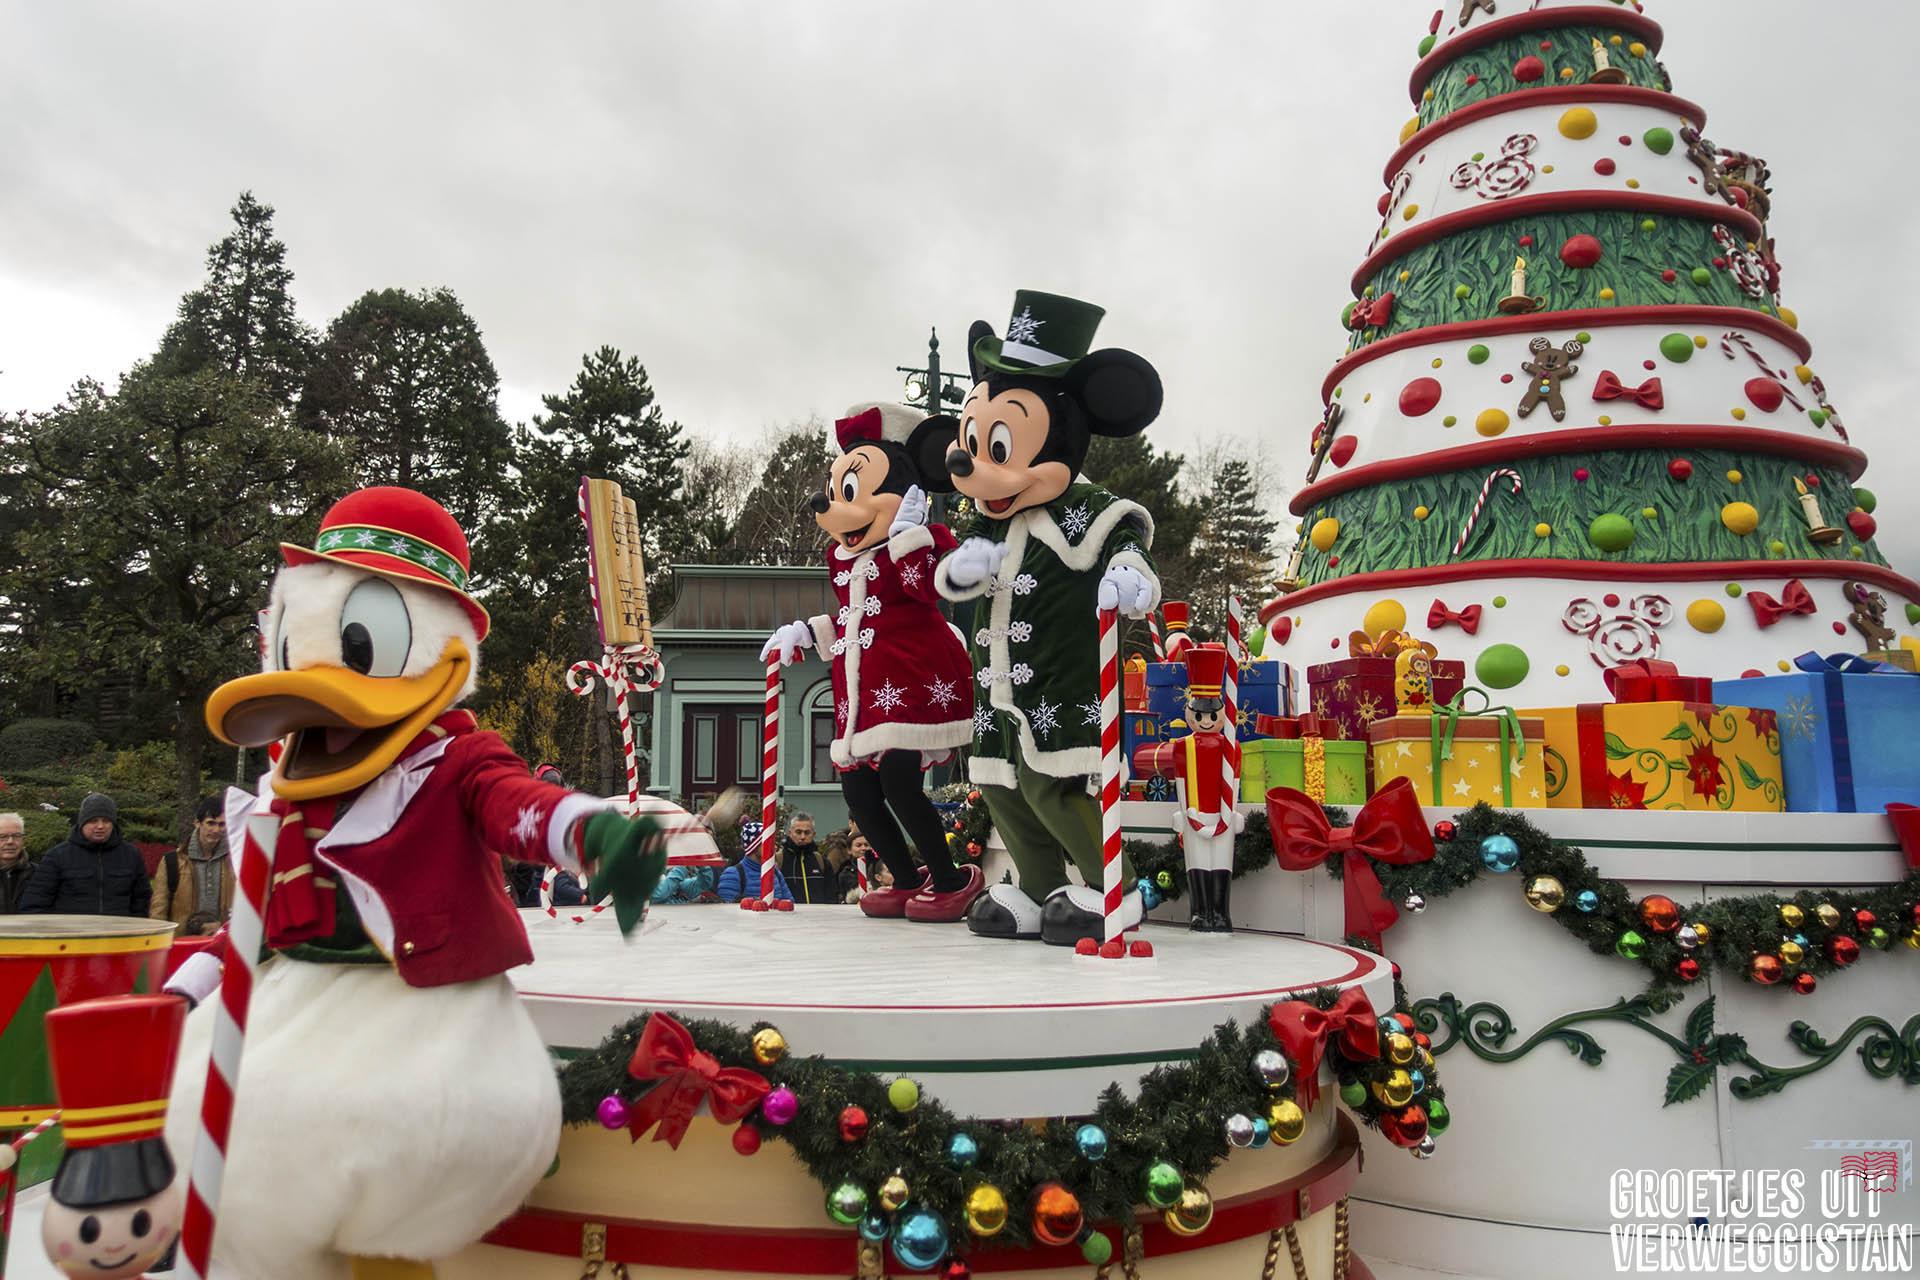 Mickey en Minnie in kerstoutfit op een paradewagen tijdens de Kerstparade in Disneyland Parijs